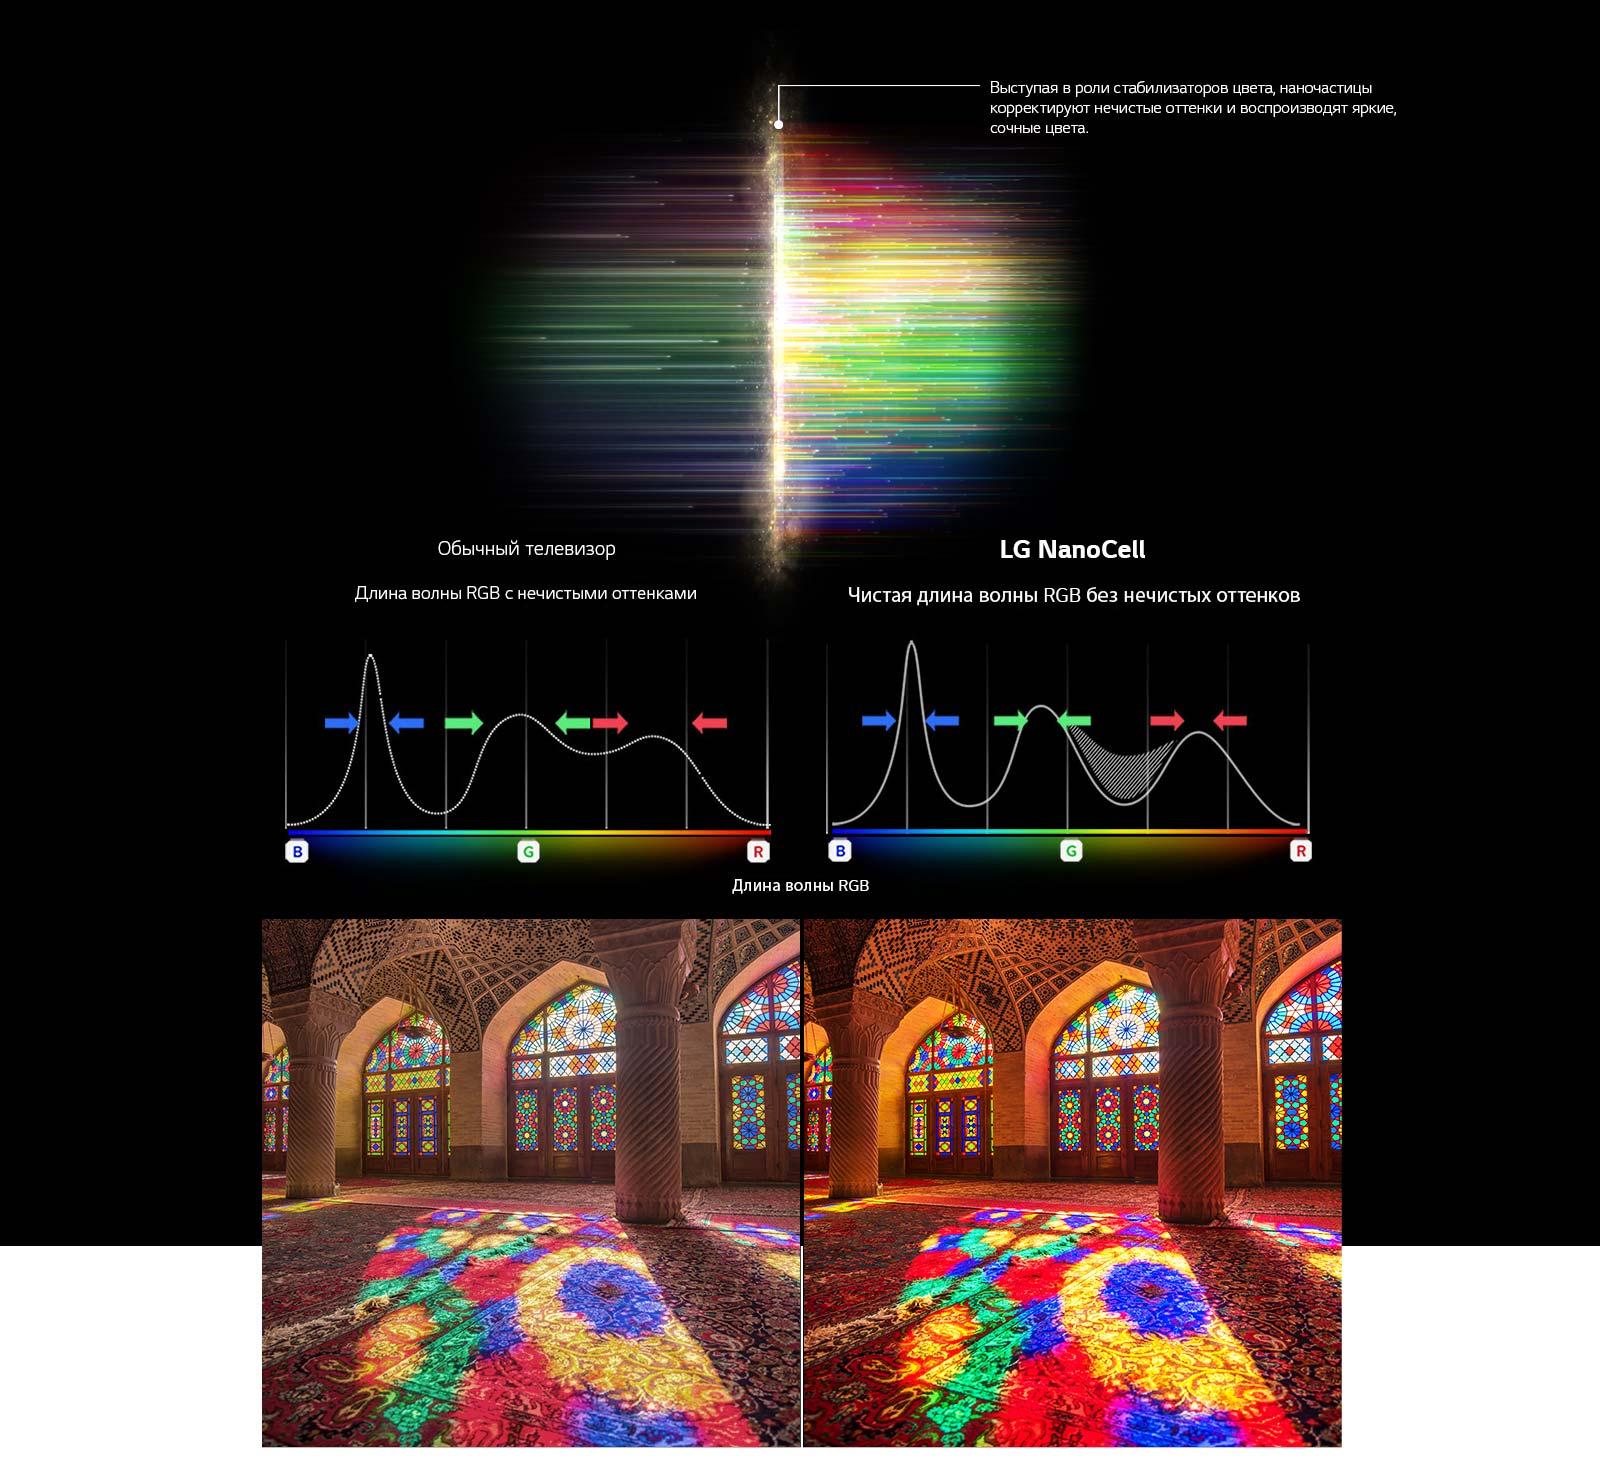 Диаграмма RGB-спектра, показывающая, как отфильтрованы тусклые цвета, и картинки, сравнивающие чистоту цвета между обычным телевизором и NanoCell Tech